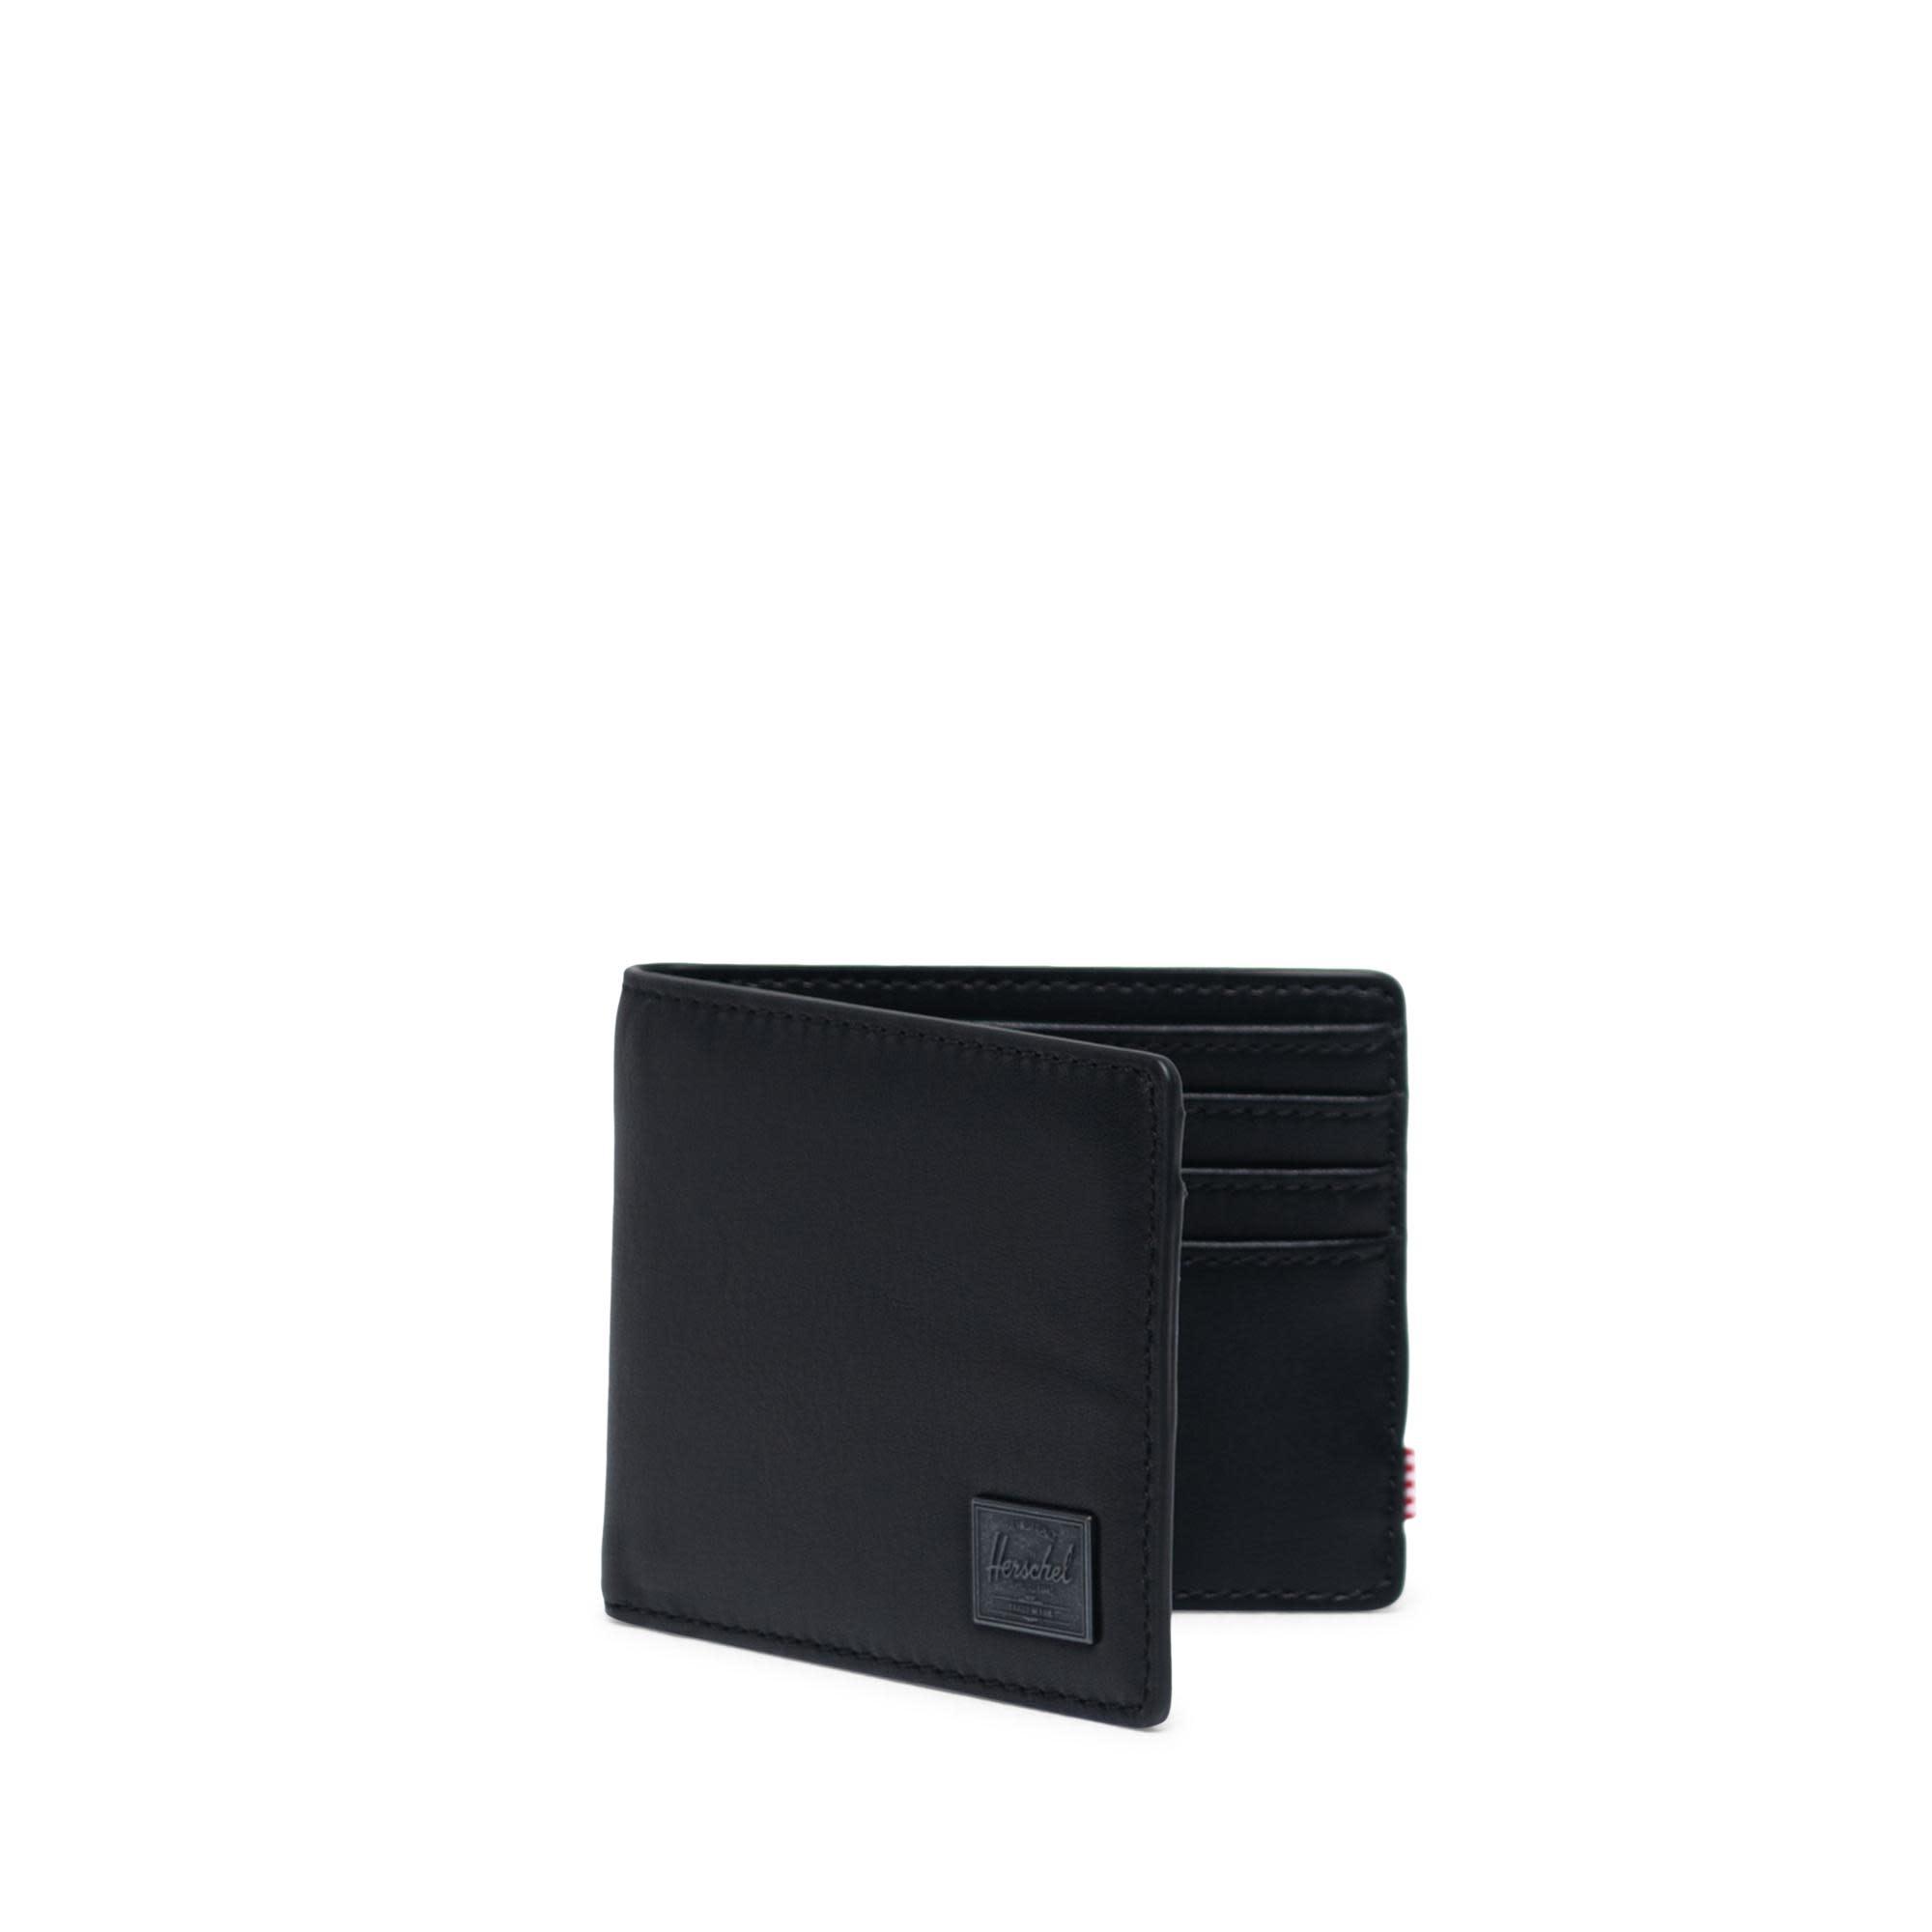 Herschel Supply Co. Herschel Hank Leather Wallet - Black/RFID